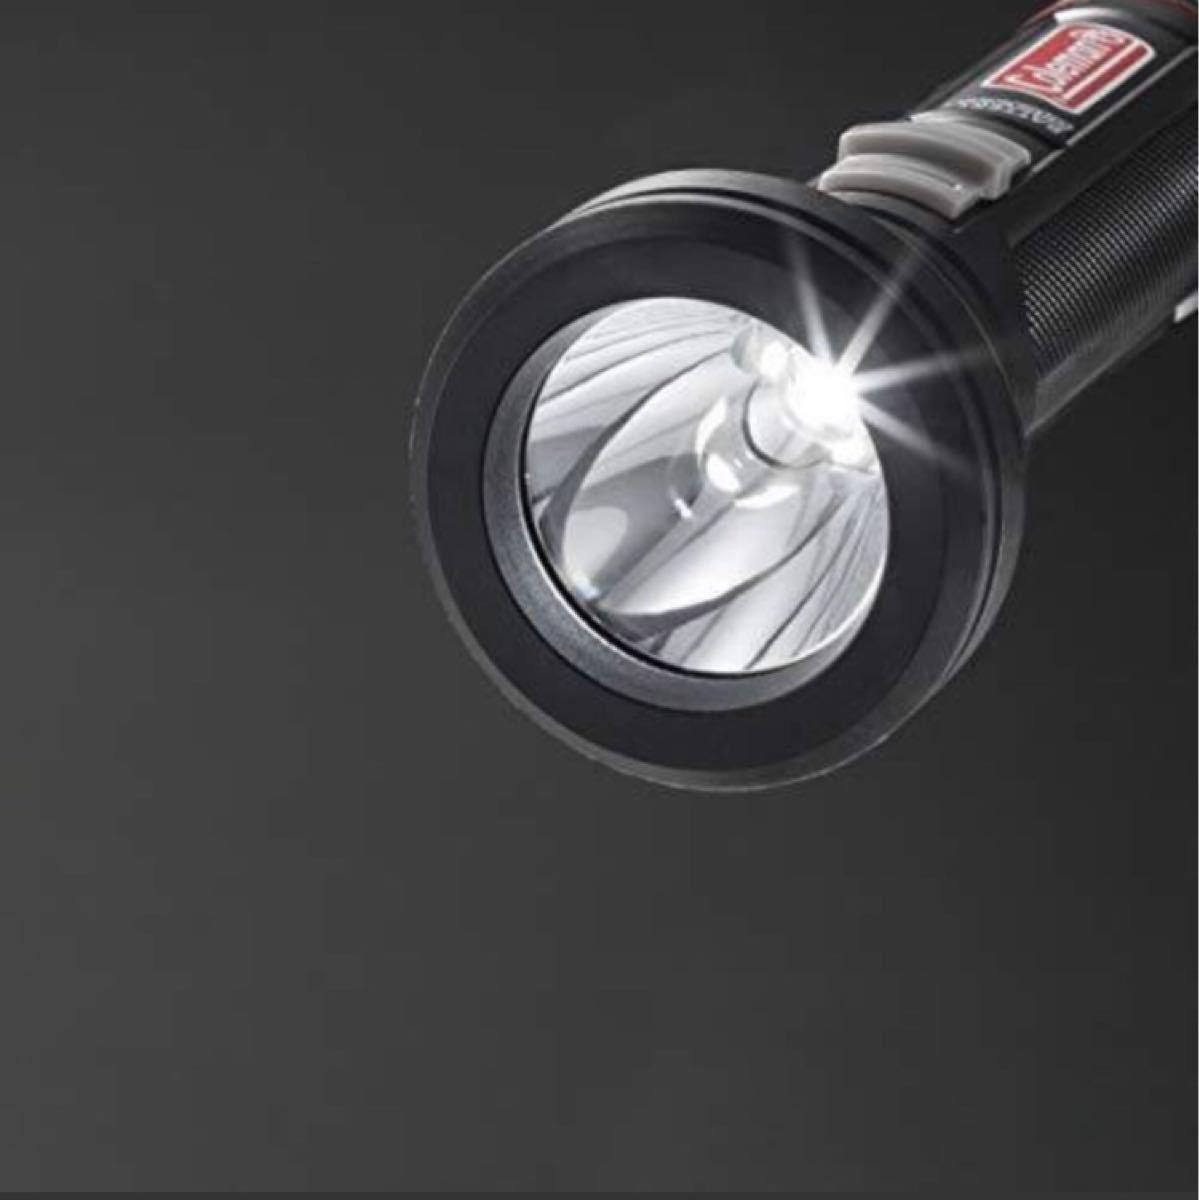 コールマン(Coleman) バッテリーガード LED フラッシュライト 350 完売品